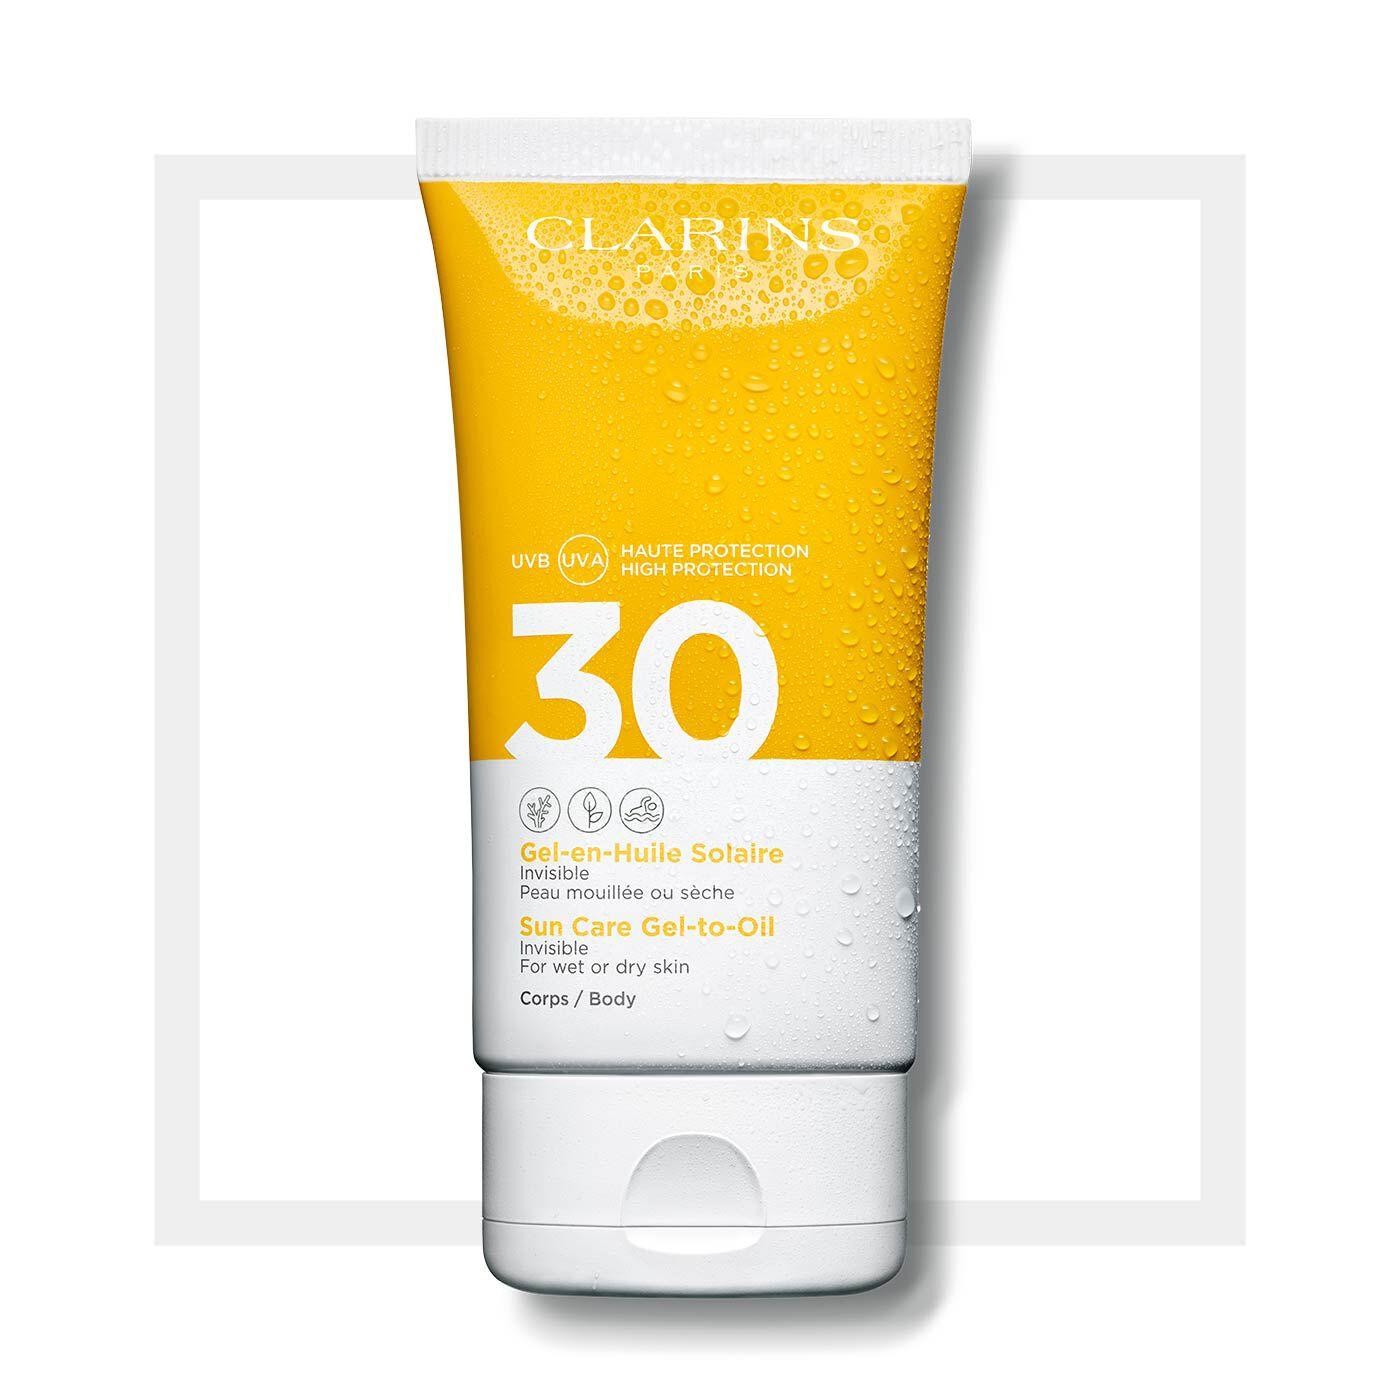 Transparenter Öl-in-Gel Sonnenschutz für den Körper UVA/UVB 30